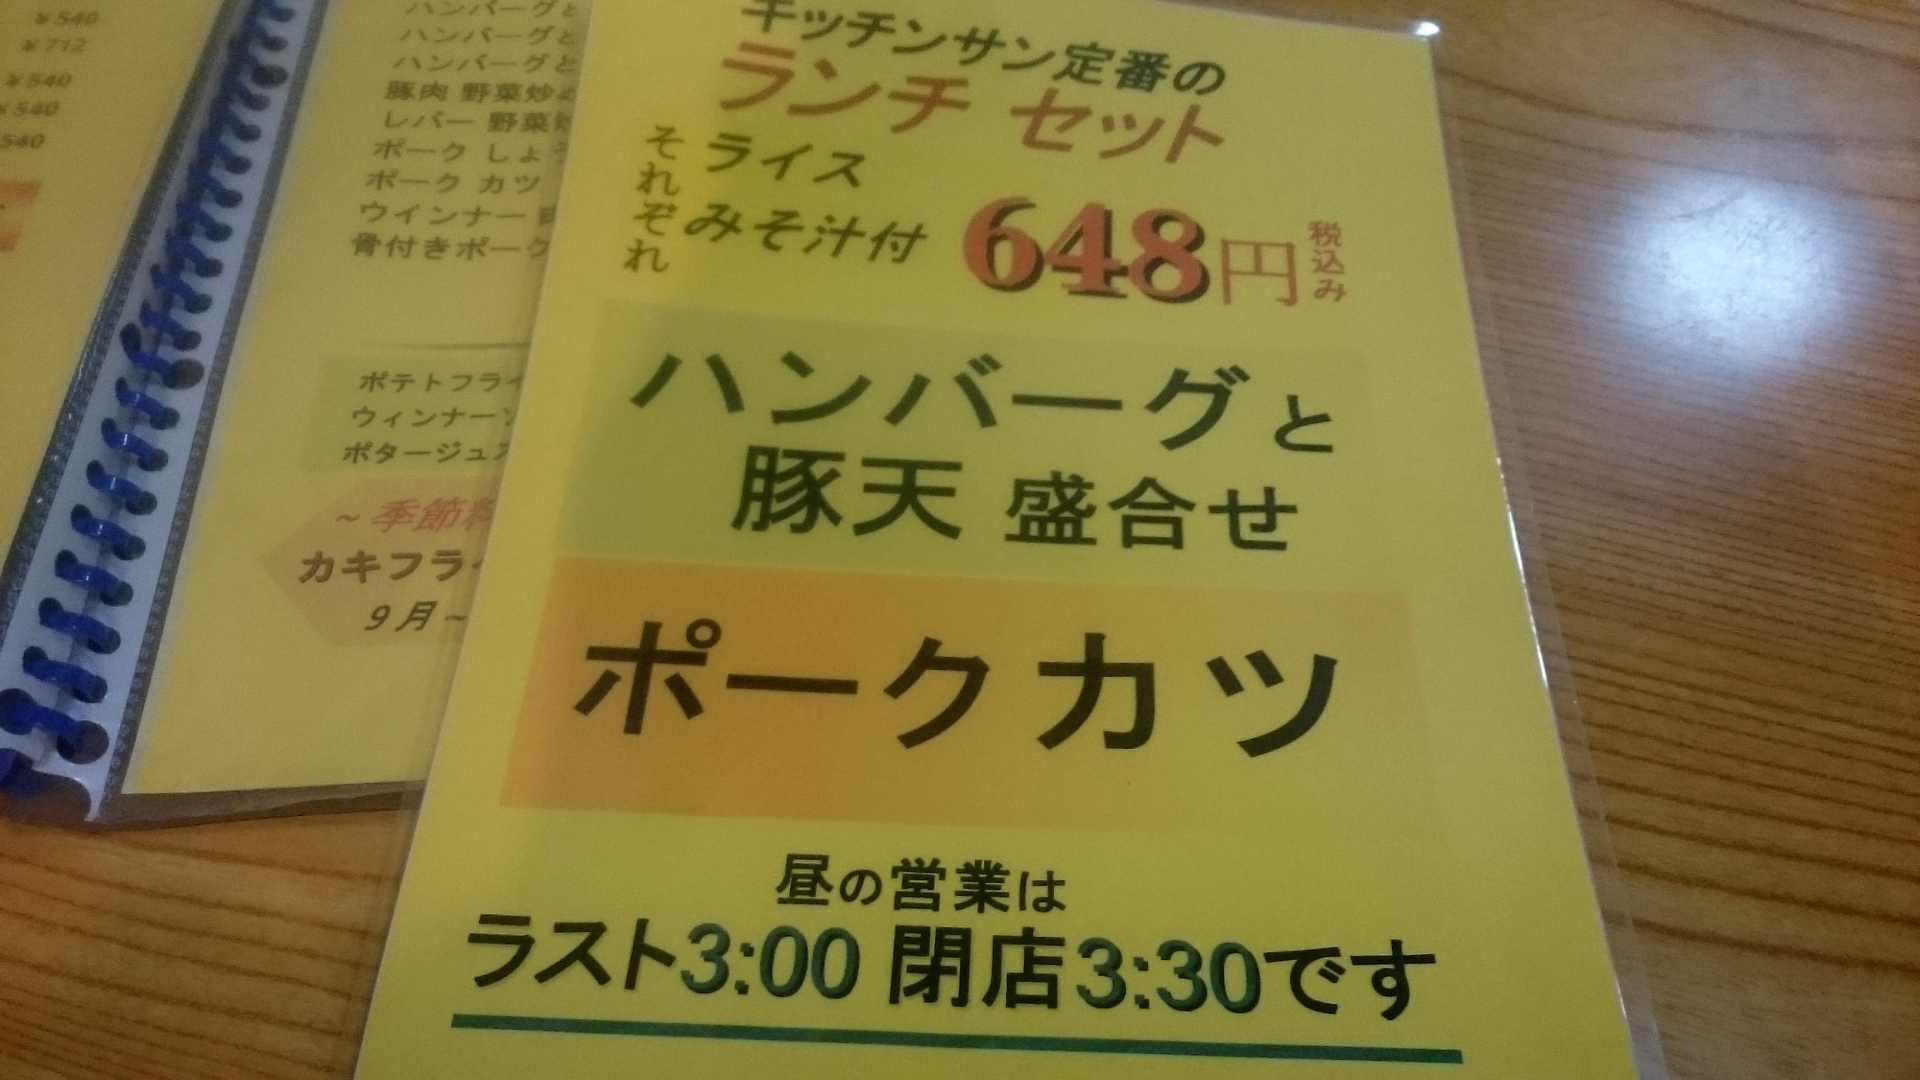 【美味しいご飯物】キッチンサン。チキンカツ定食540円。ボリュームたっぷりで大満足。新所沢駅前の名洋食屋さん